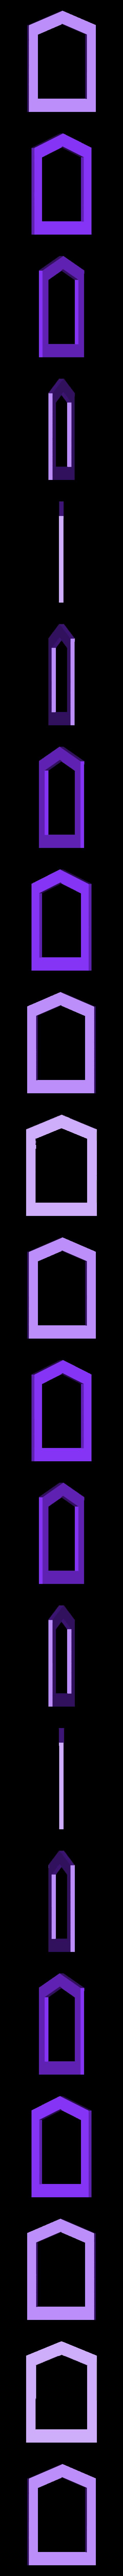 t_terr_strut1_1.stl Télécharger fichier STL gratuit Ripper's London - Maisons à haute hauteur • Design pour imprimante 3D, Earsling